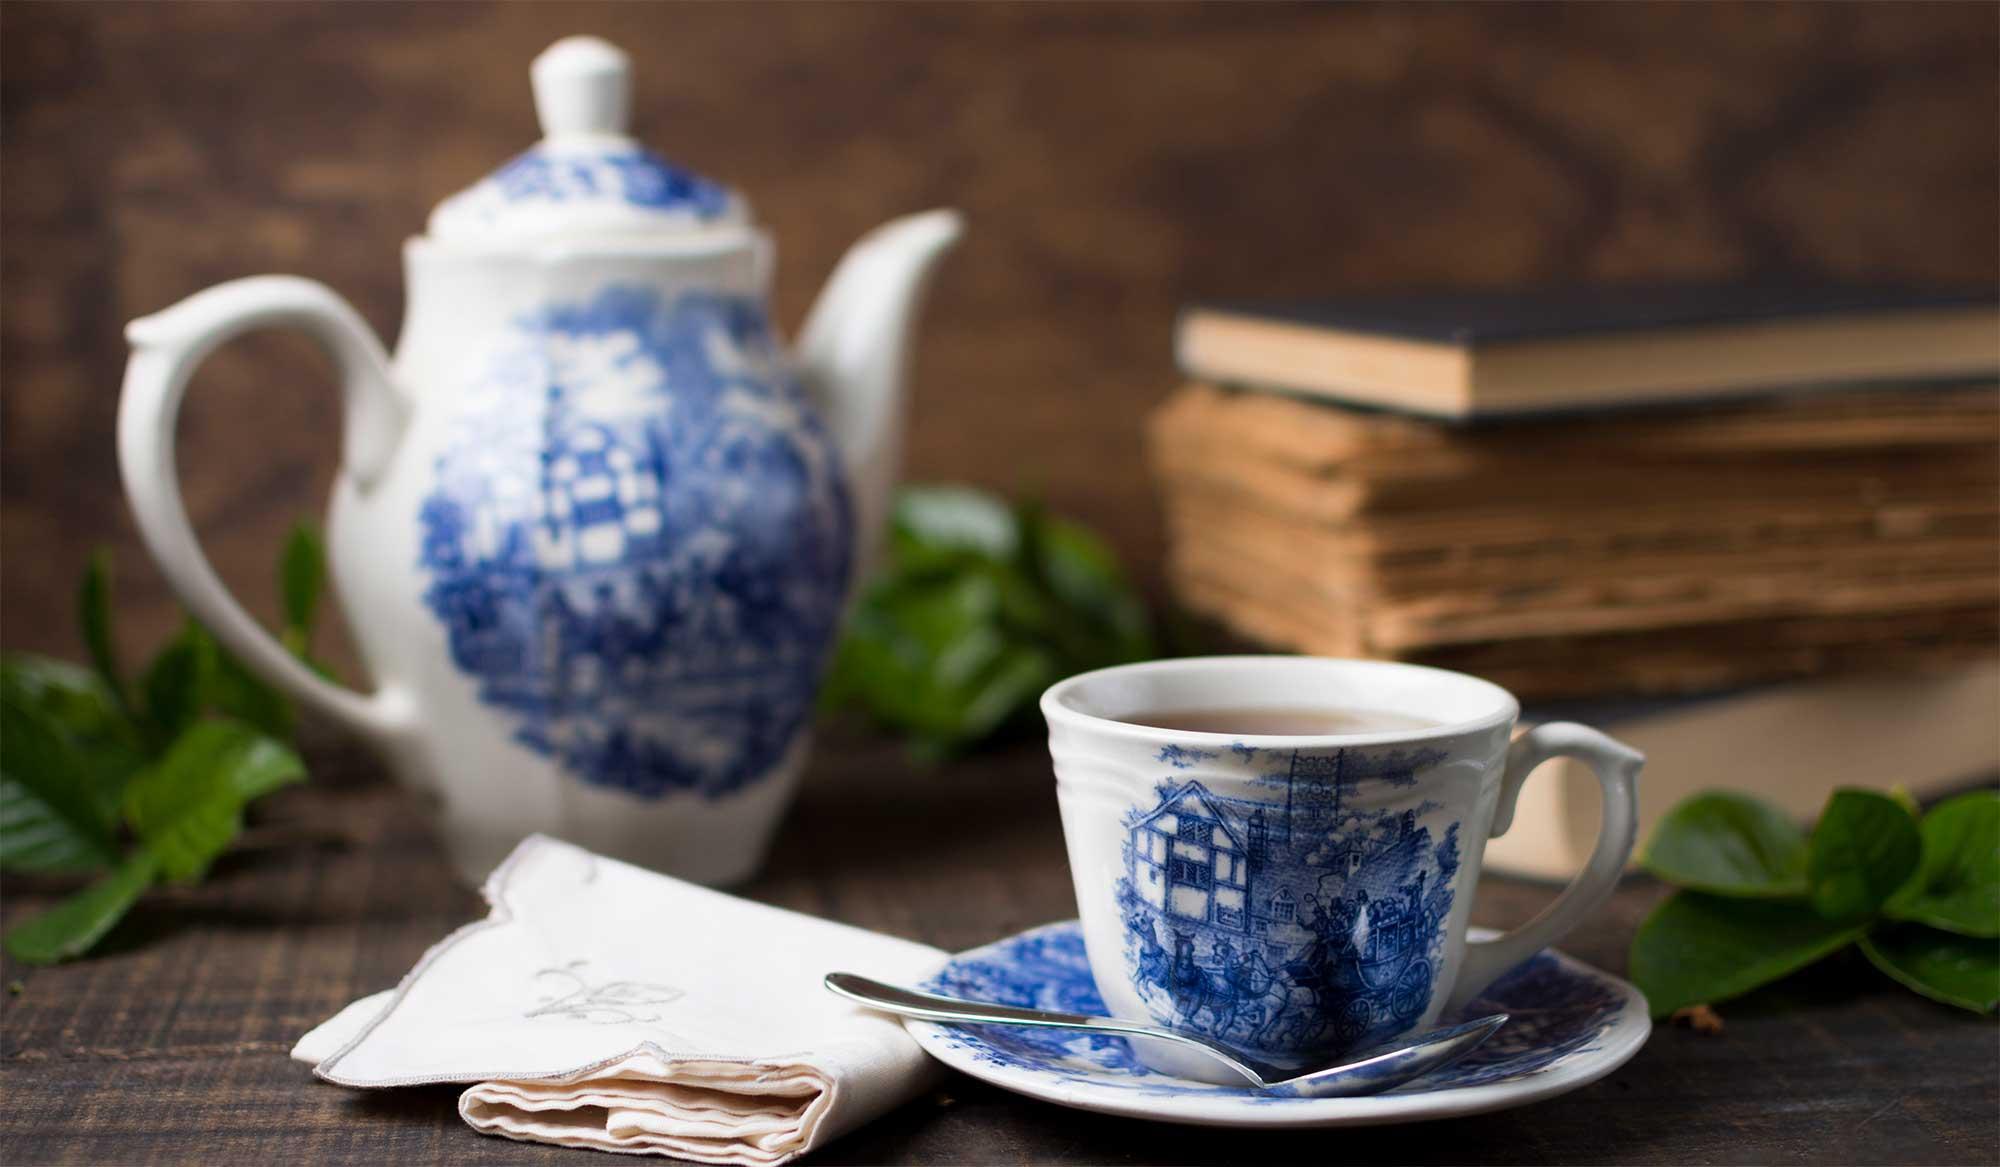 تاریخچه ی ظروف چینی